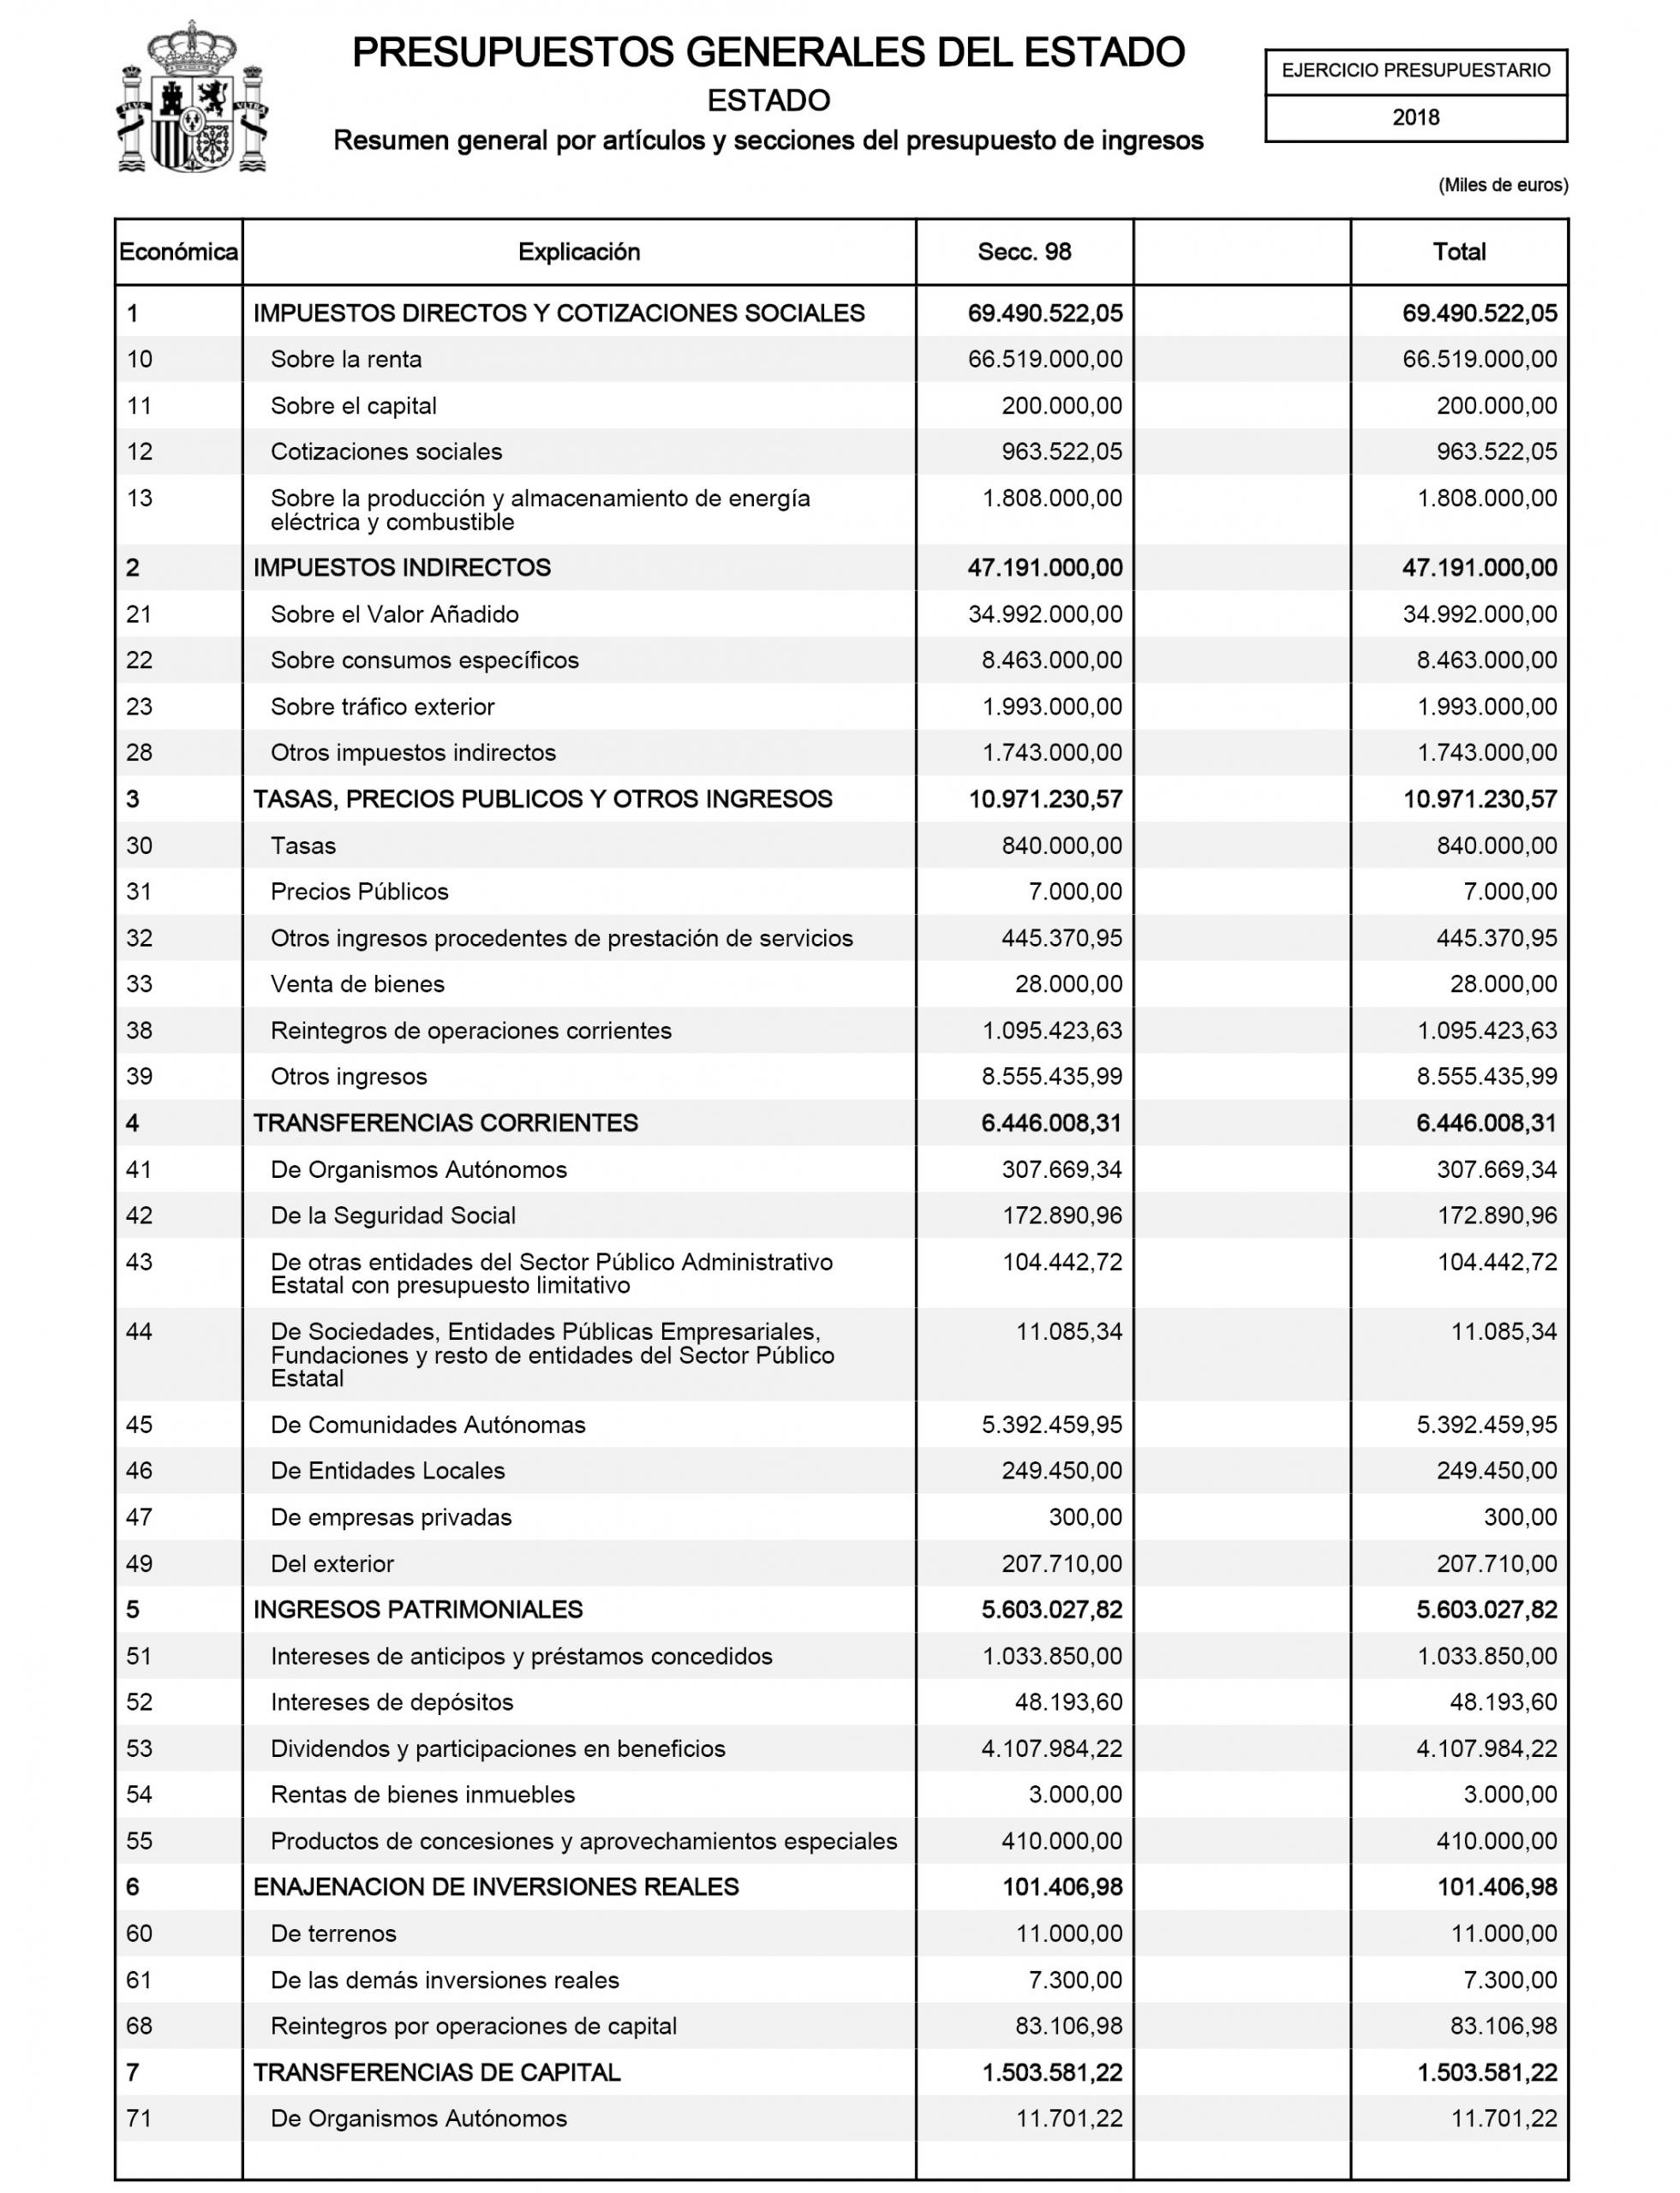 Calendario Laboral 2020 Catalunya Gencat Más Reciente Boe Documento Consolidado Boe A 2018 9268 Of Calendario Laboral 2020 Catalunya Gencat Recientes Ley 6 2018 De 3 De Julio De Presupuestos Generales Del